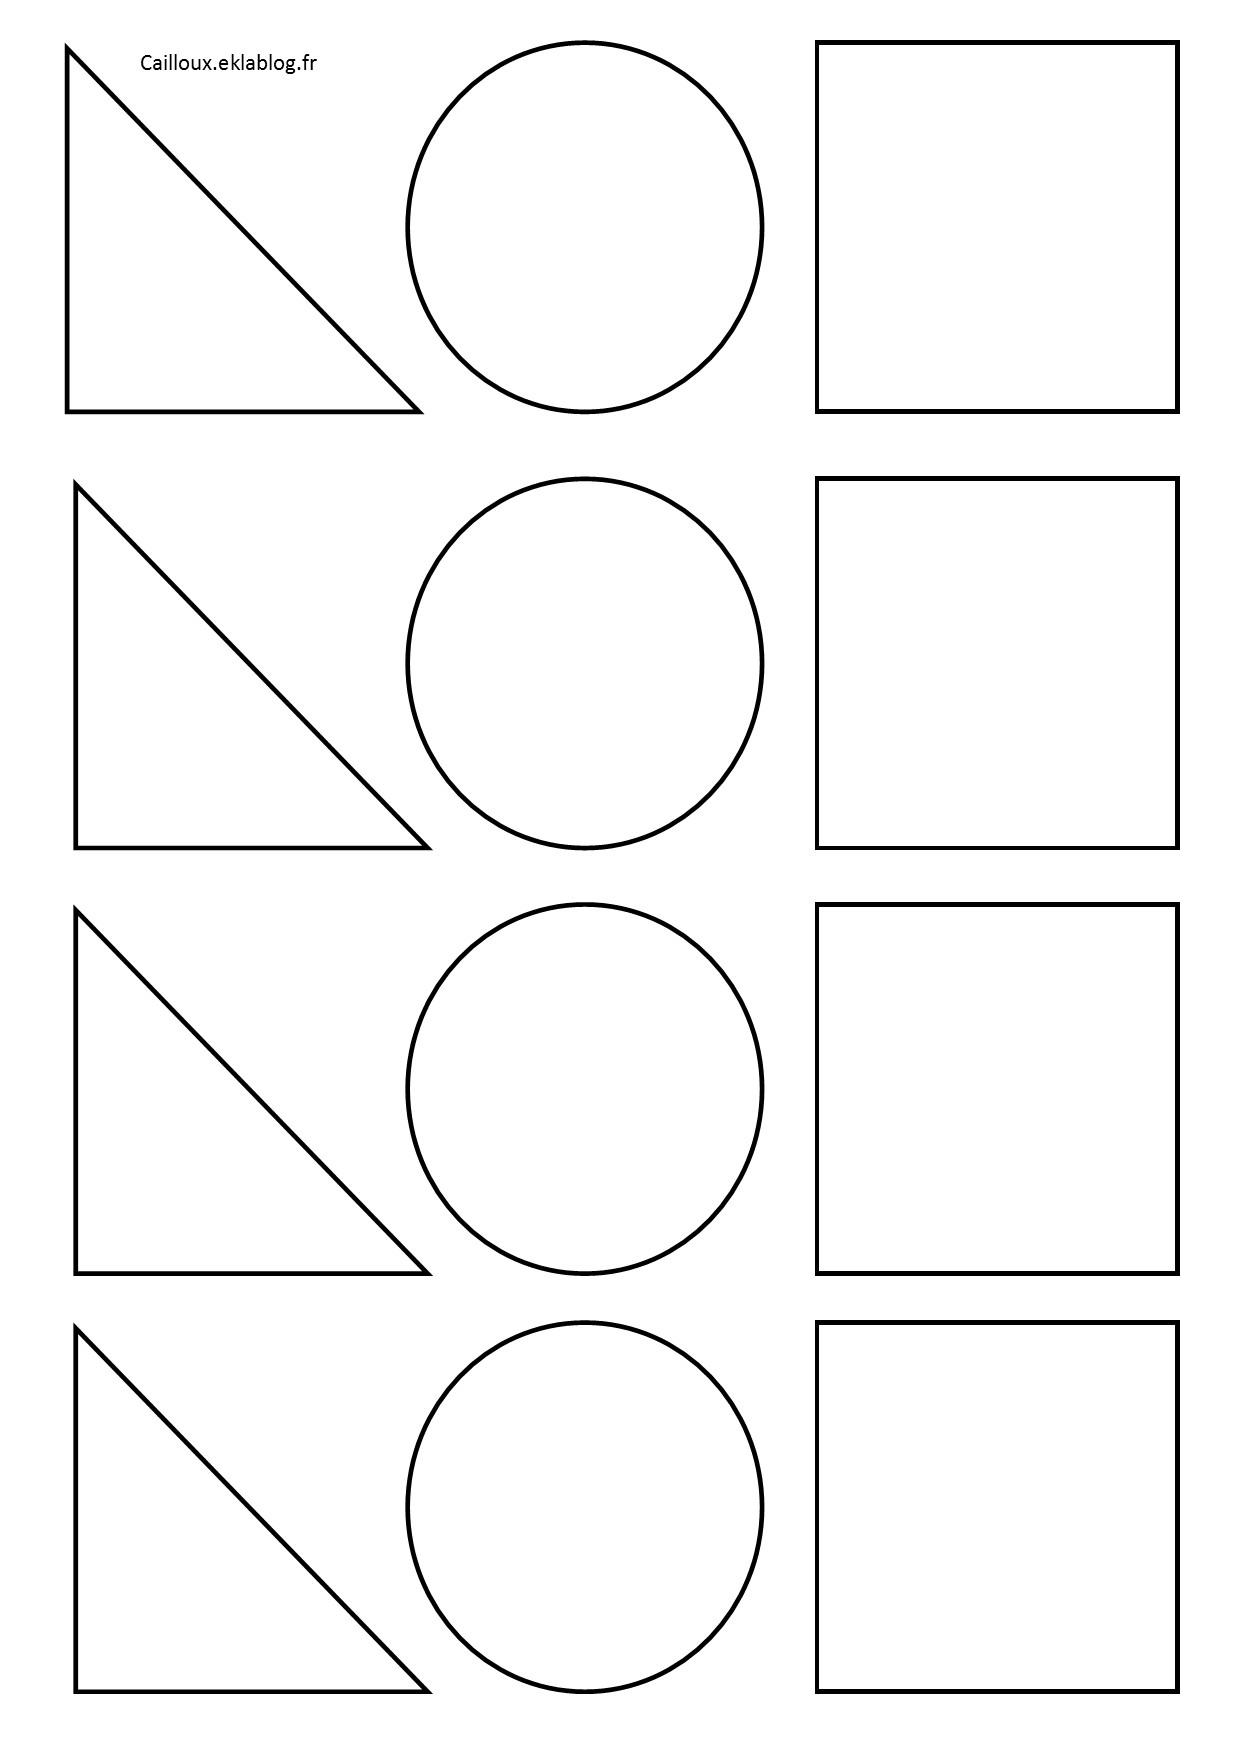 Formes Géométriques Et Découpage - La Maternelle D'isadis7 concernant Decoupage Pour Enfant